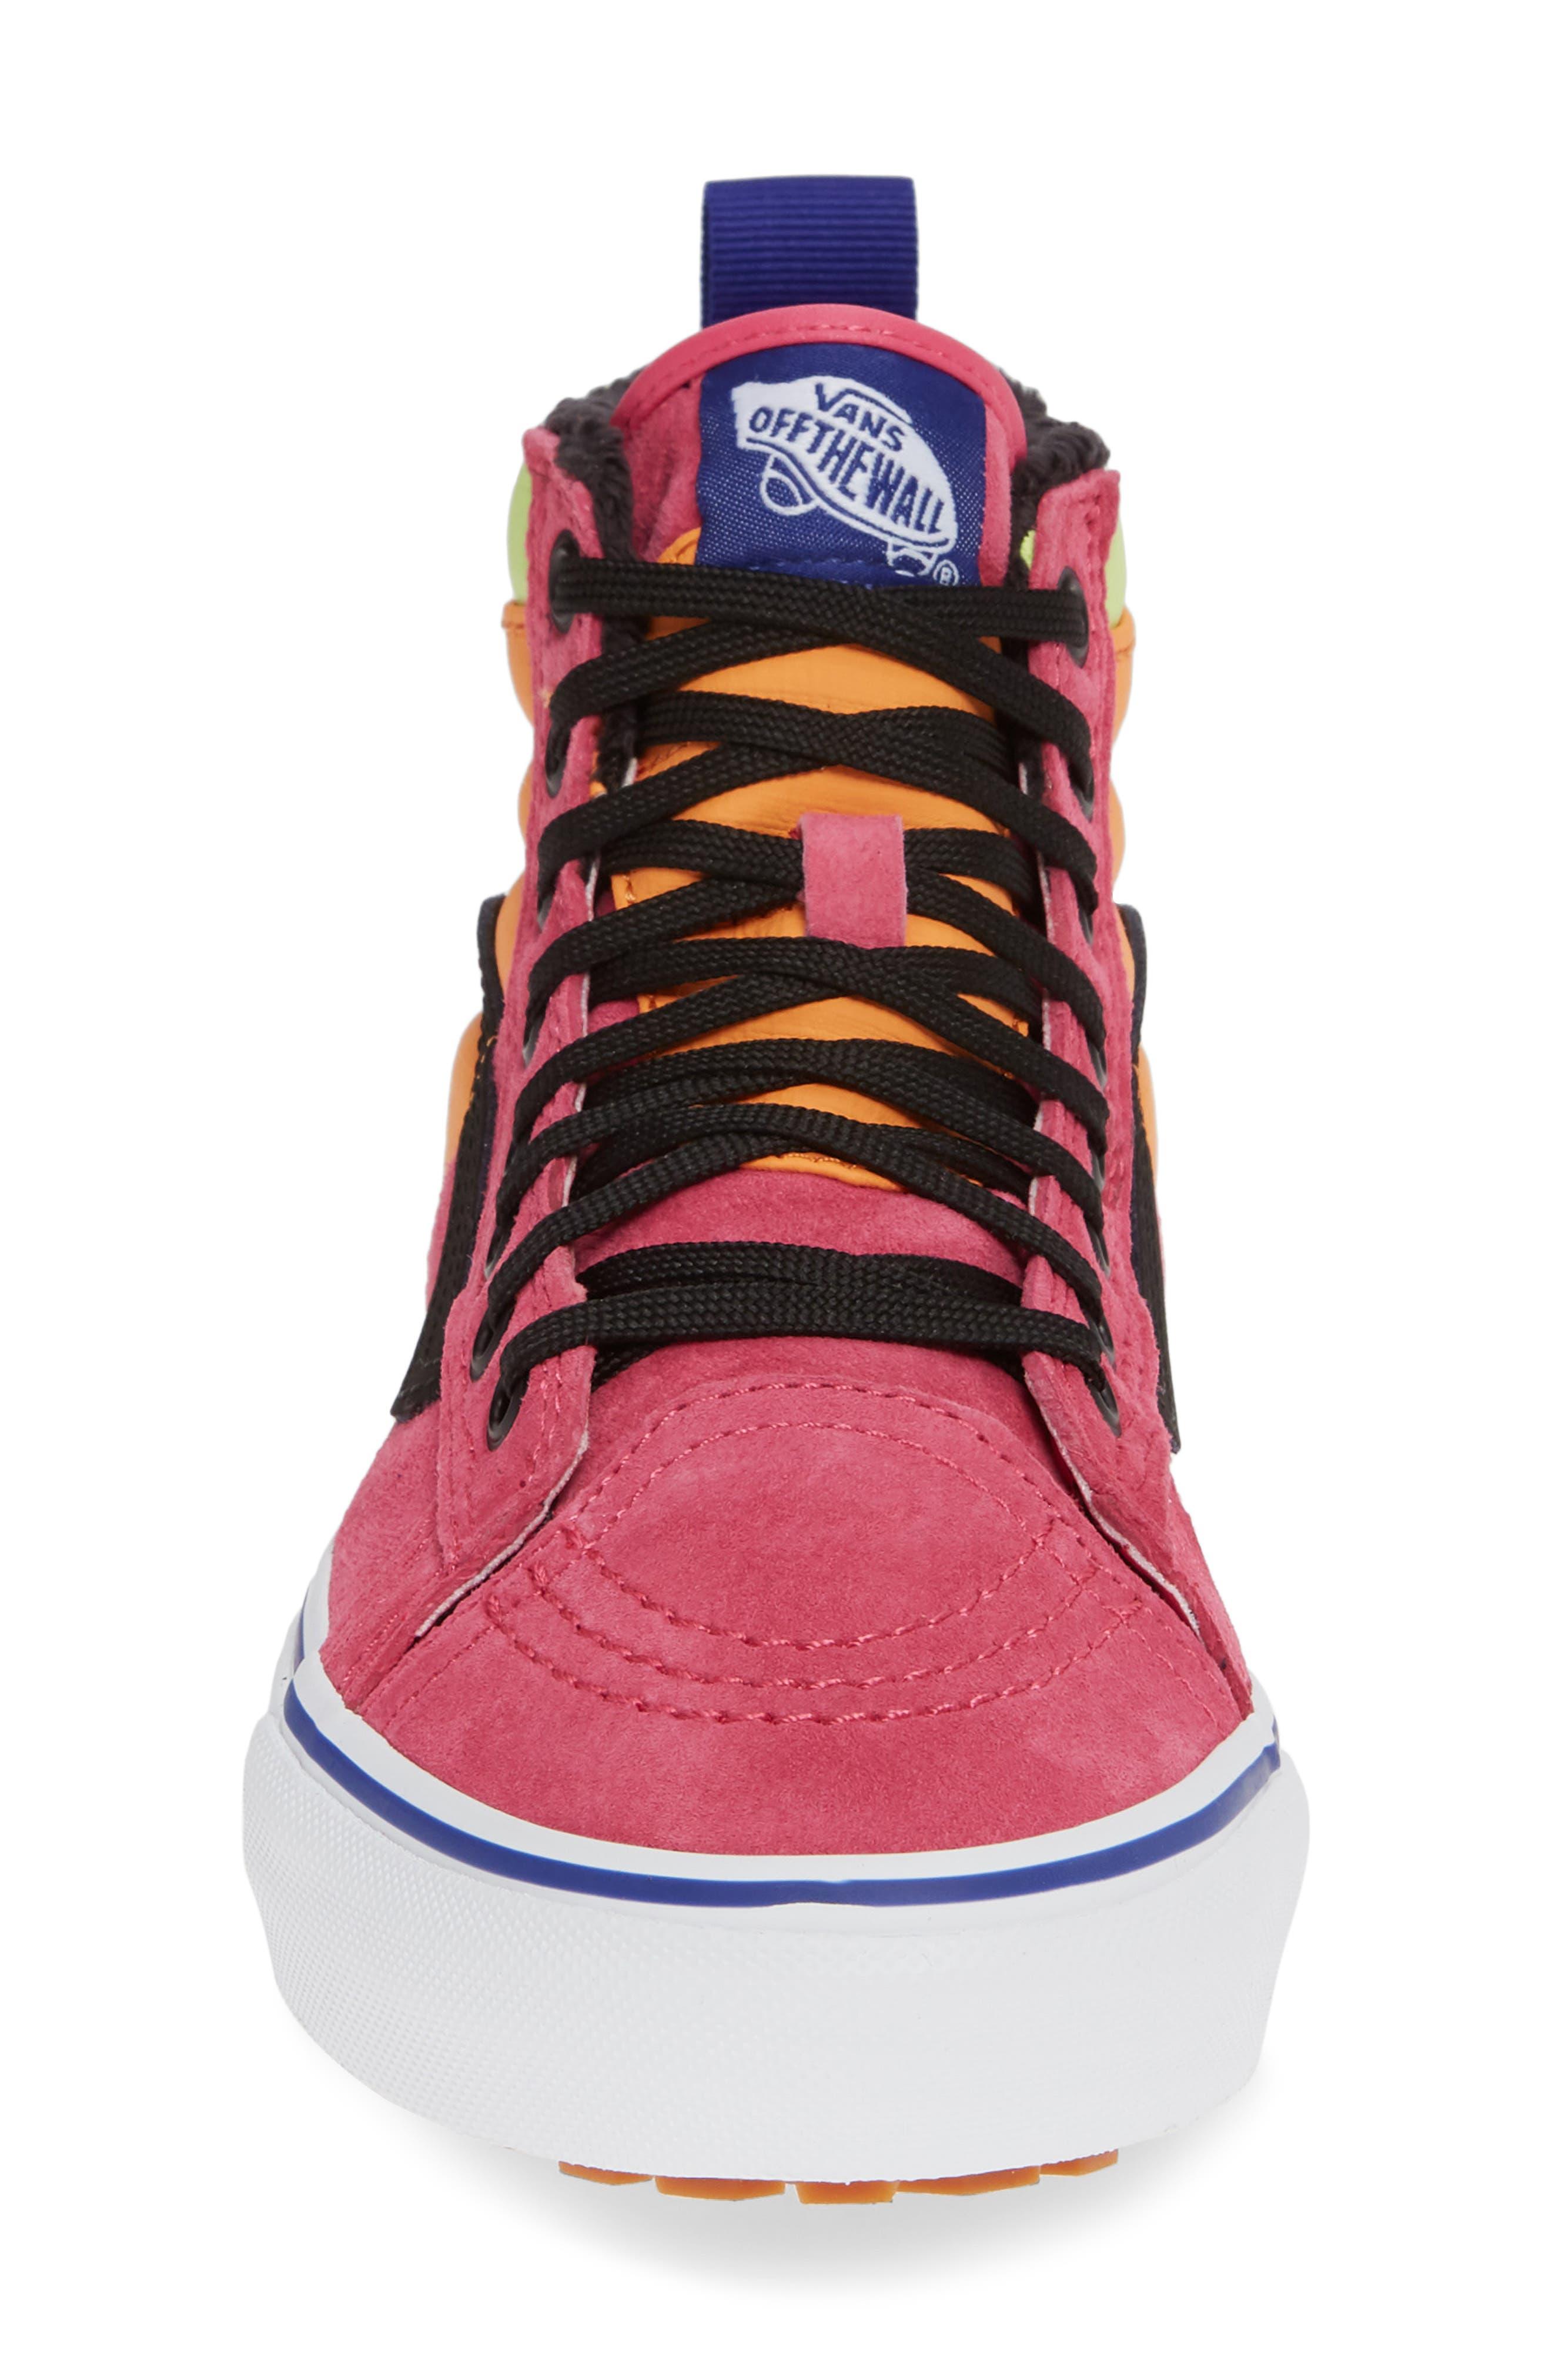 VANS,                             Sk8-Hi 46 MTE DX Sneaker,                             Alternate thumbnail 4, color,                             PINK YARROW/ TANGERINE/ BLACK